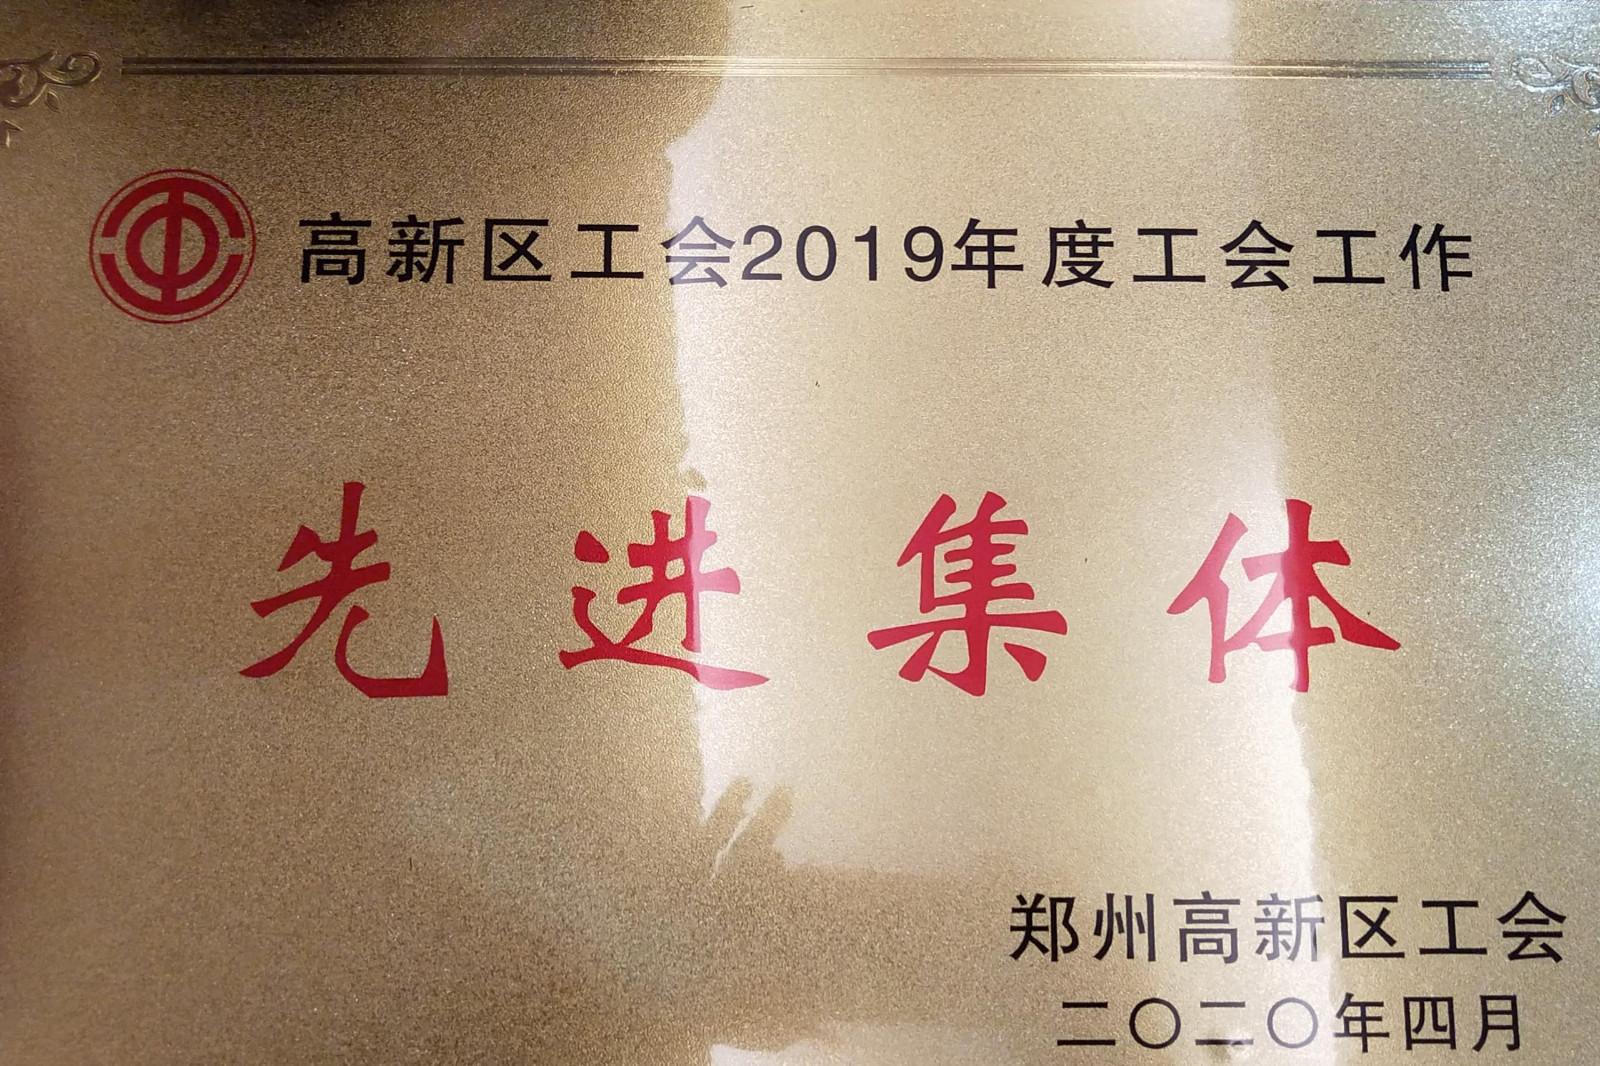 2019高新区工会先进集体.jpg